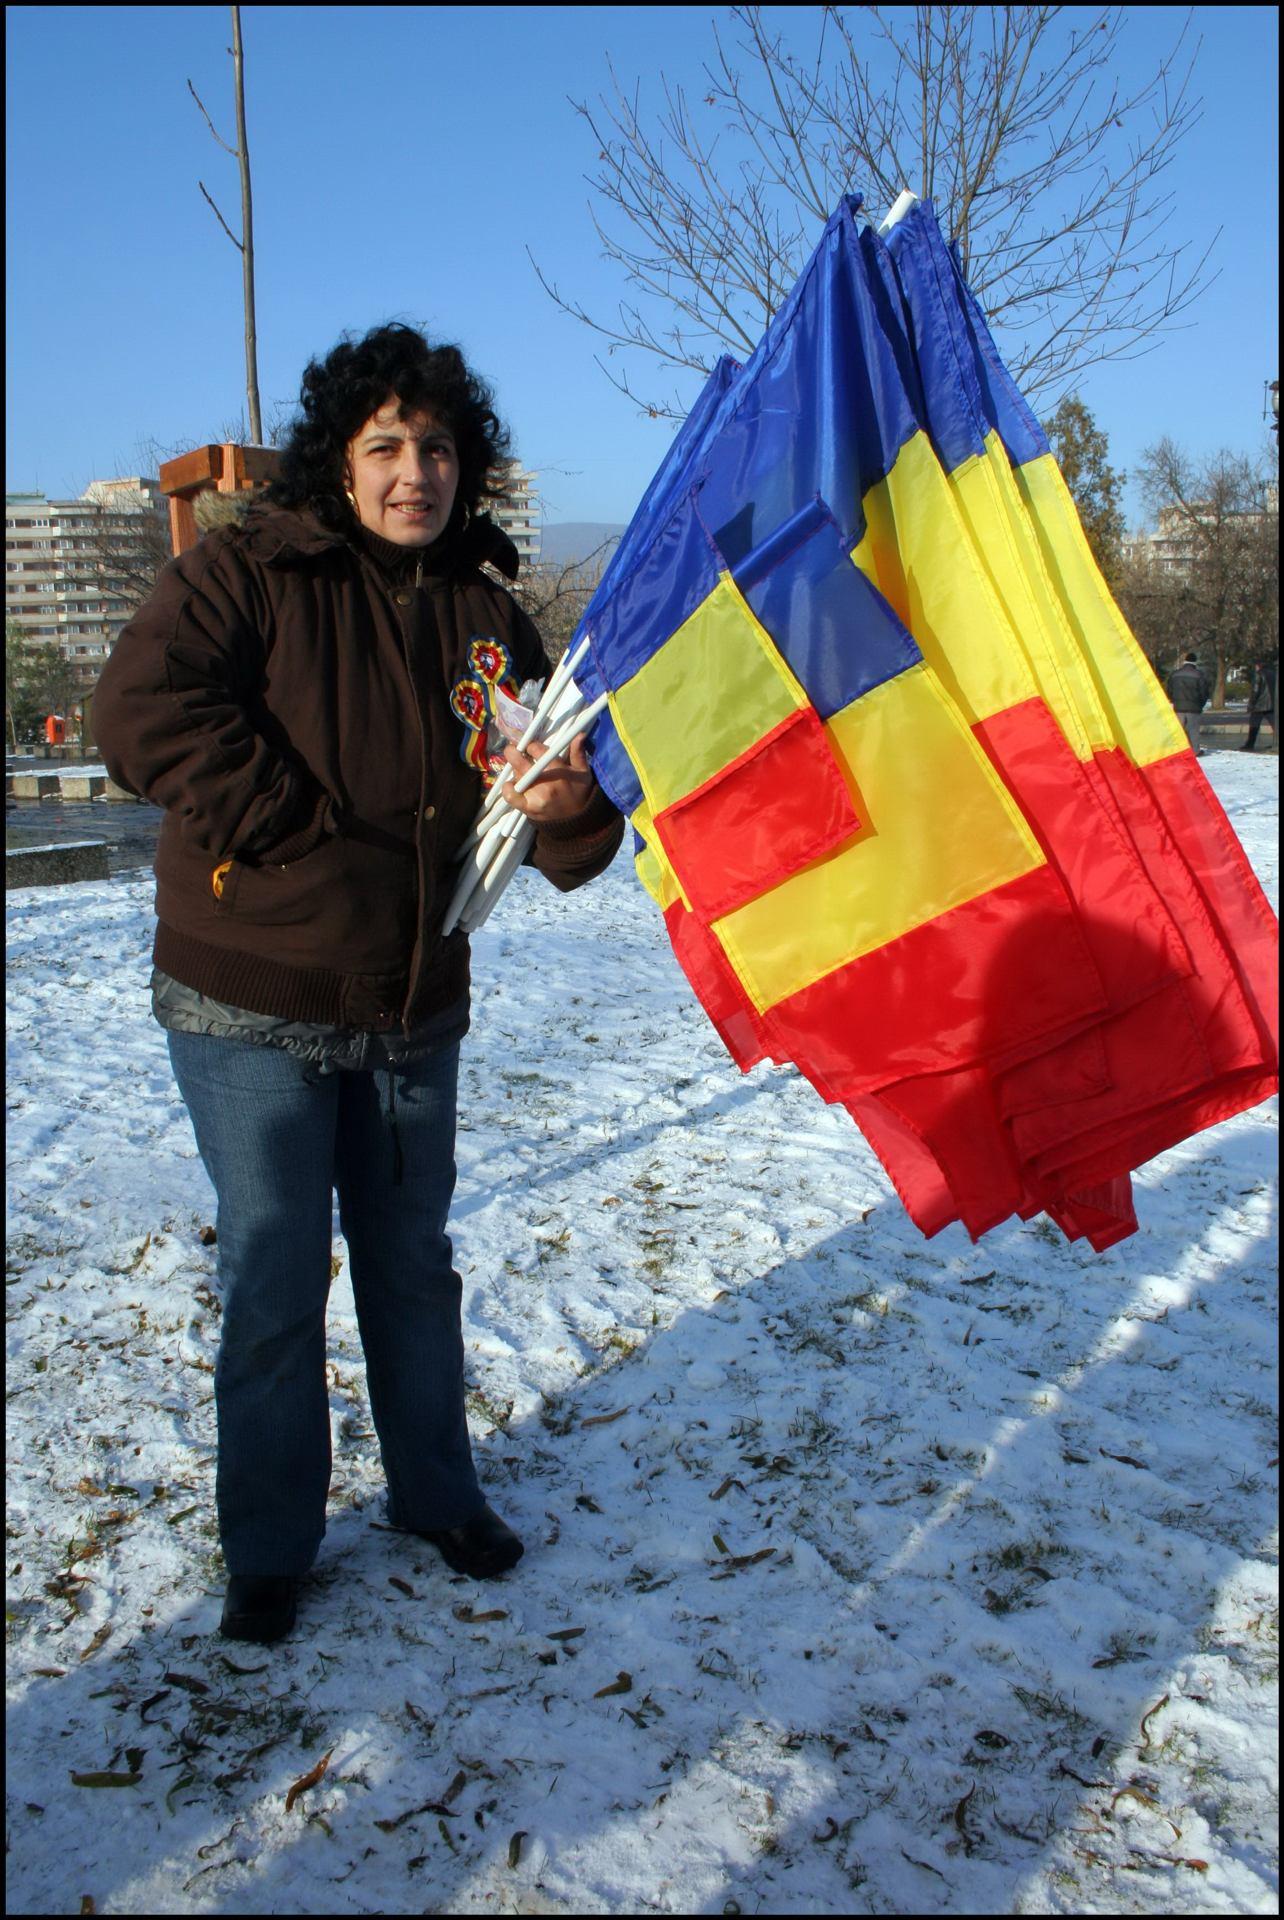 vendeuse de drapeaux.jpgbis.jpg